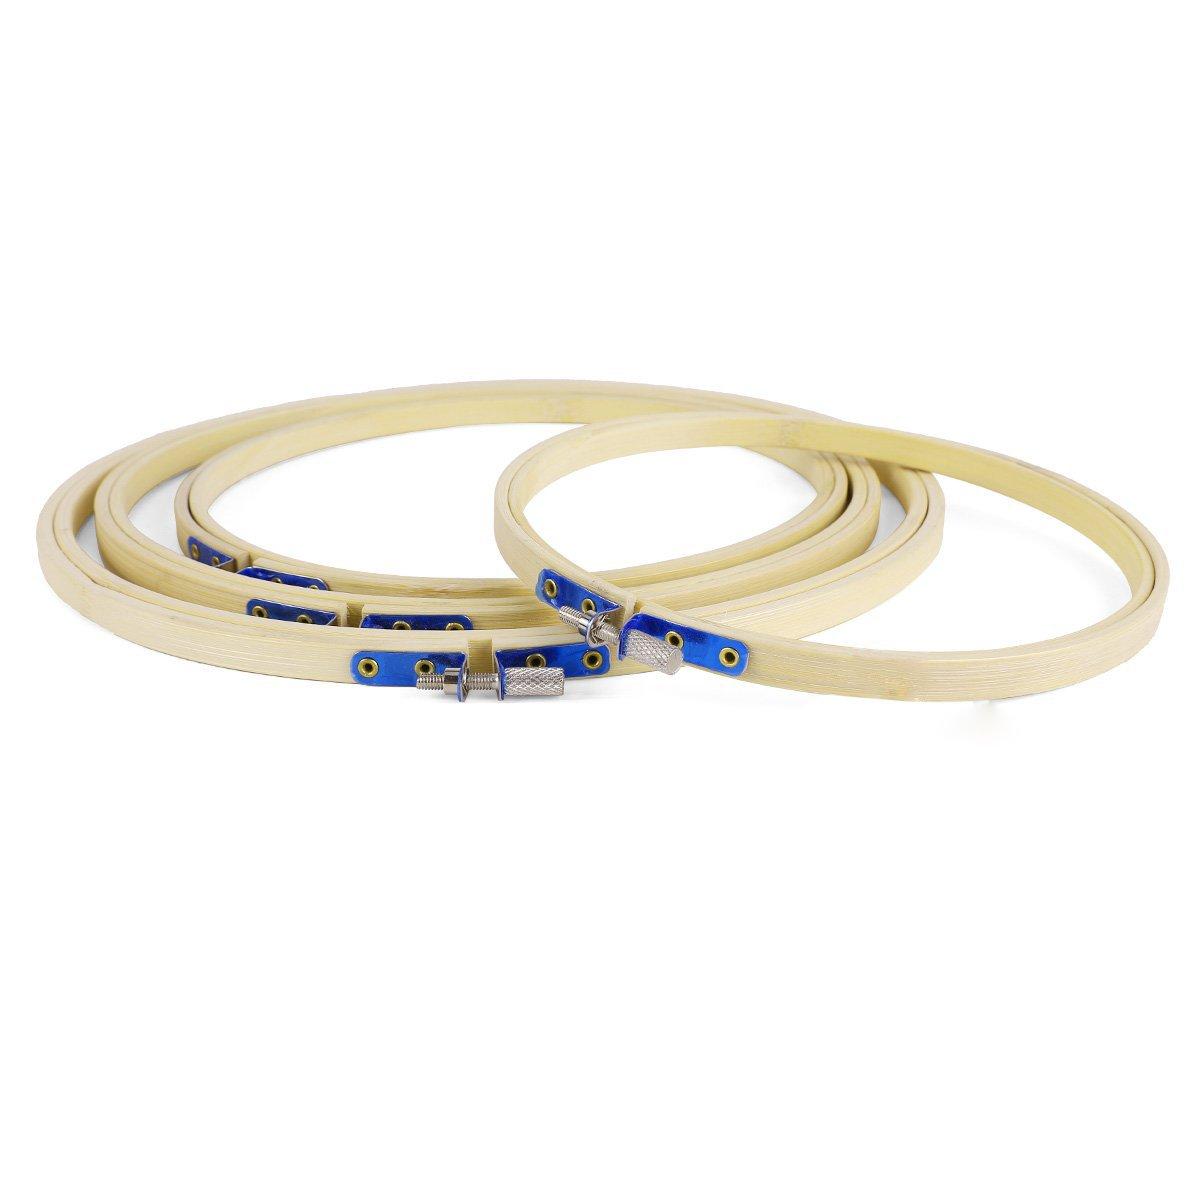 4 x cerchio punto bambu ricamo 17 20 23 26cm R SODIAL